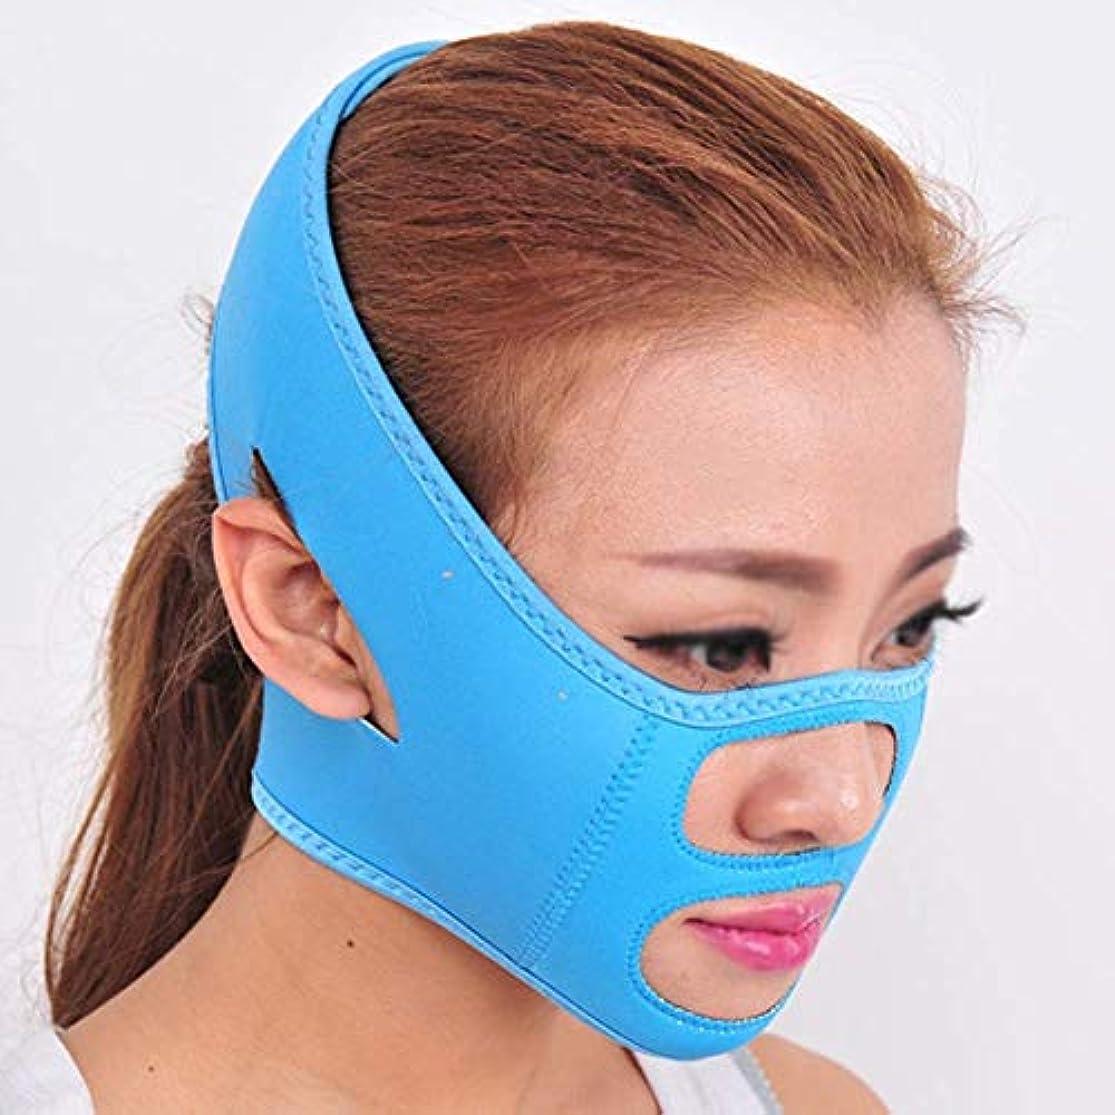 増幅受動的排気チンストラップ、フェイスリフティングマスク、ダブルチン、フェイスリフティングに最適、リフティングフェイシャルスキン、フェイシャル減量マスク、フェイスリフティングベルト(フリーサイズ)(カラー:ブルー),青